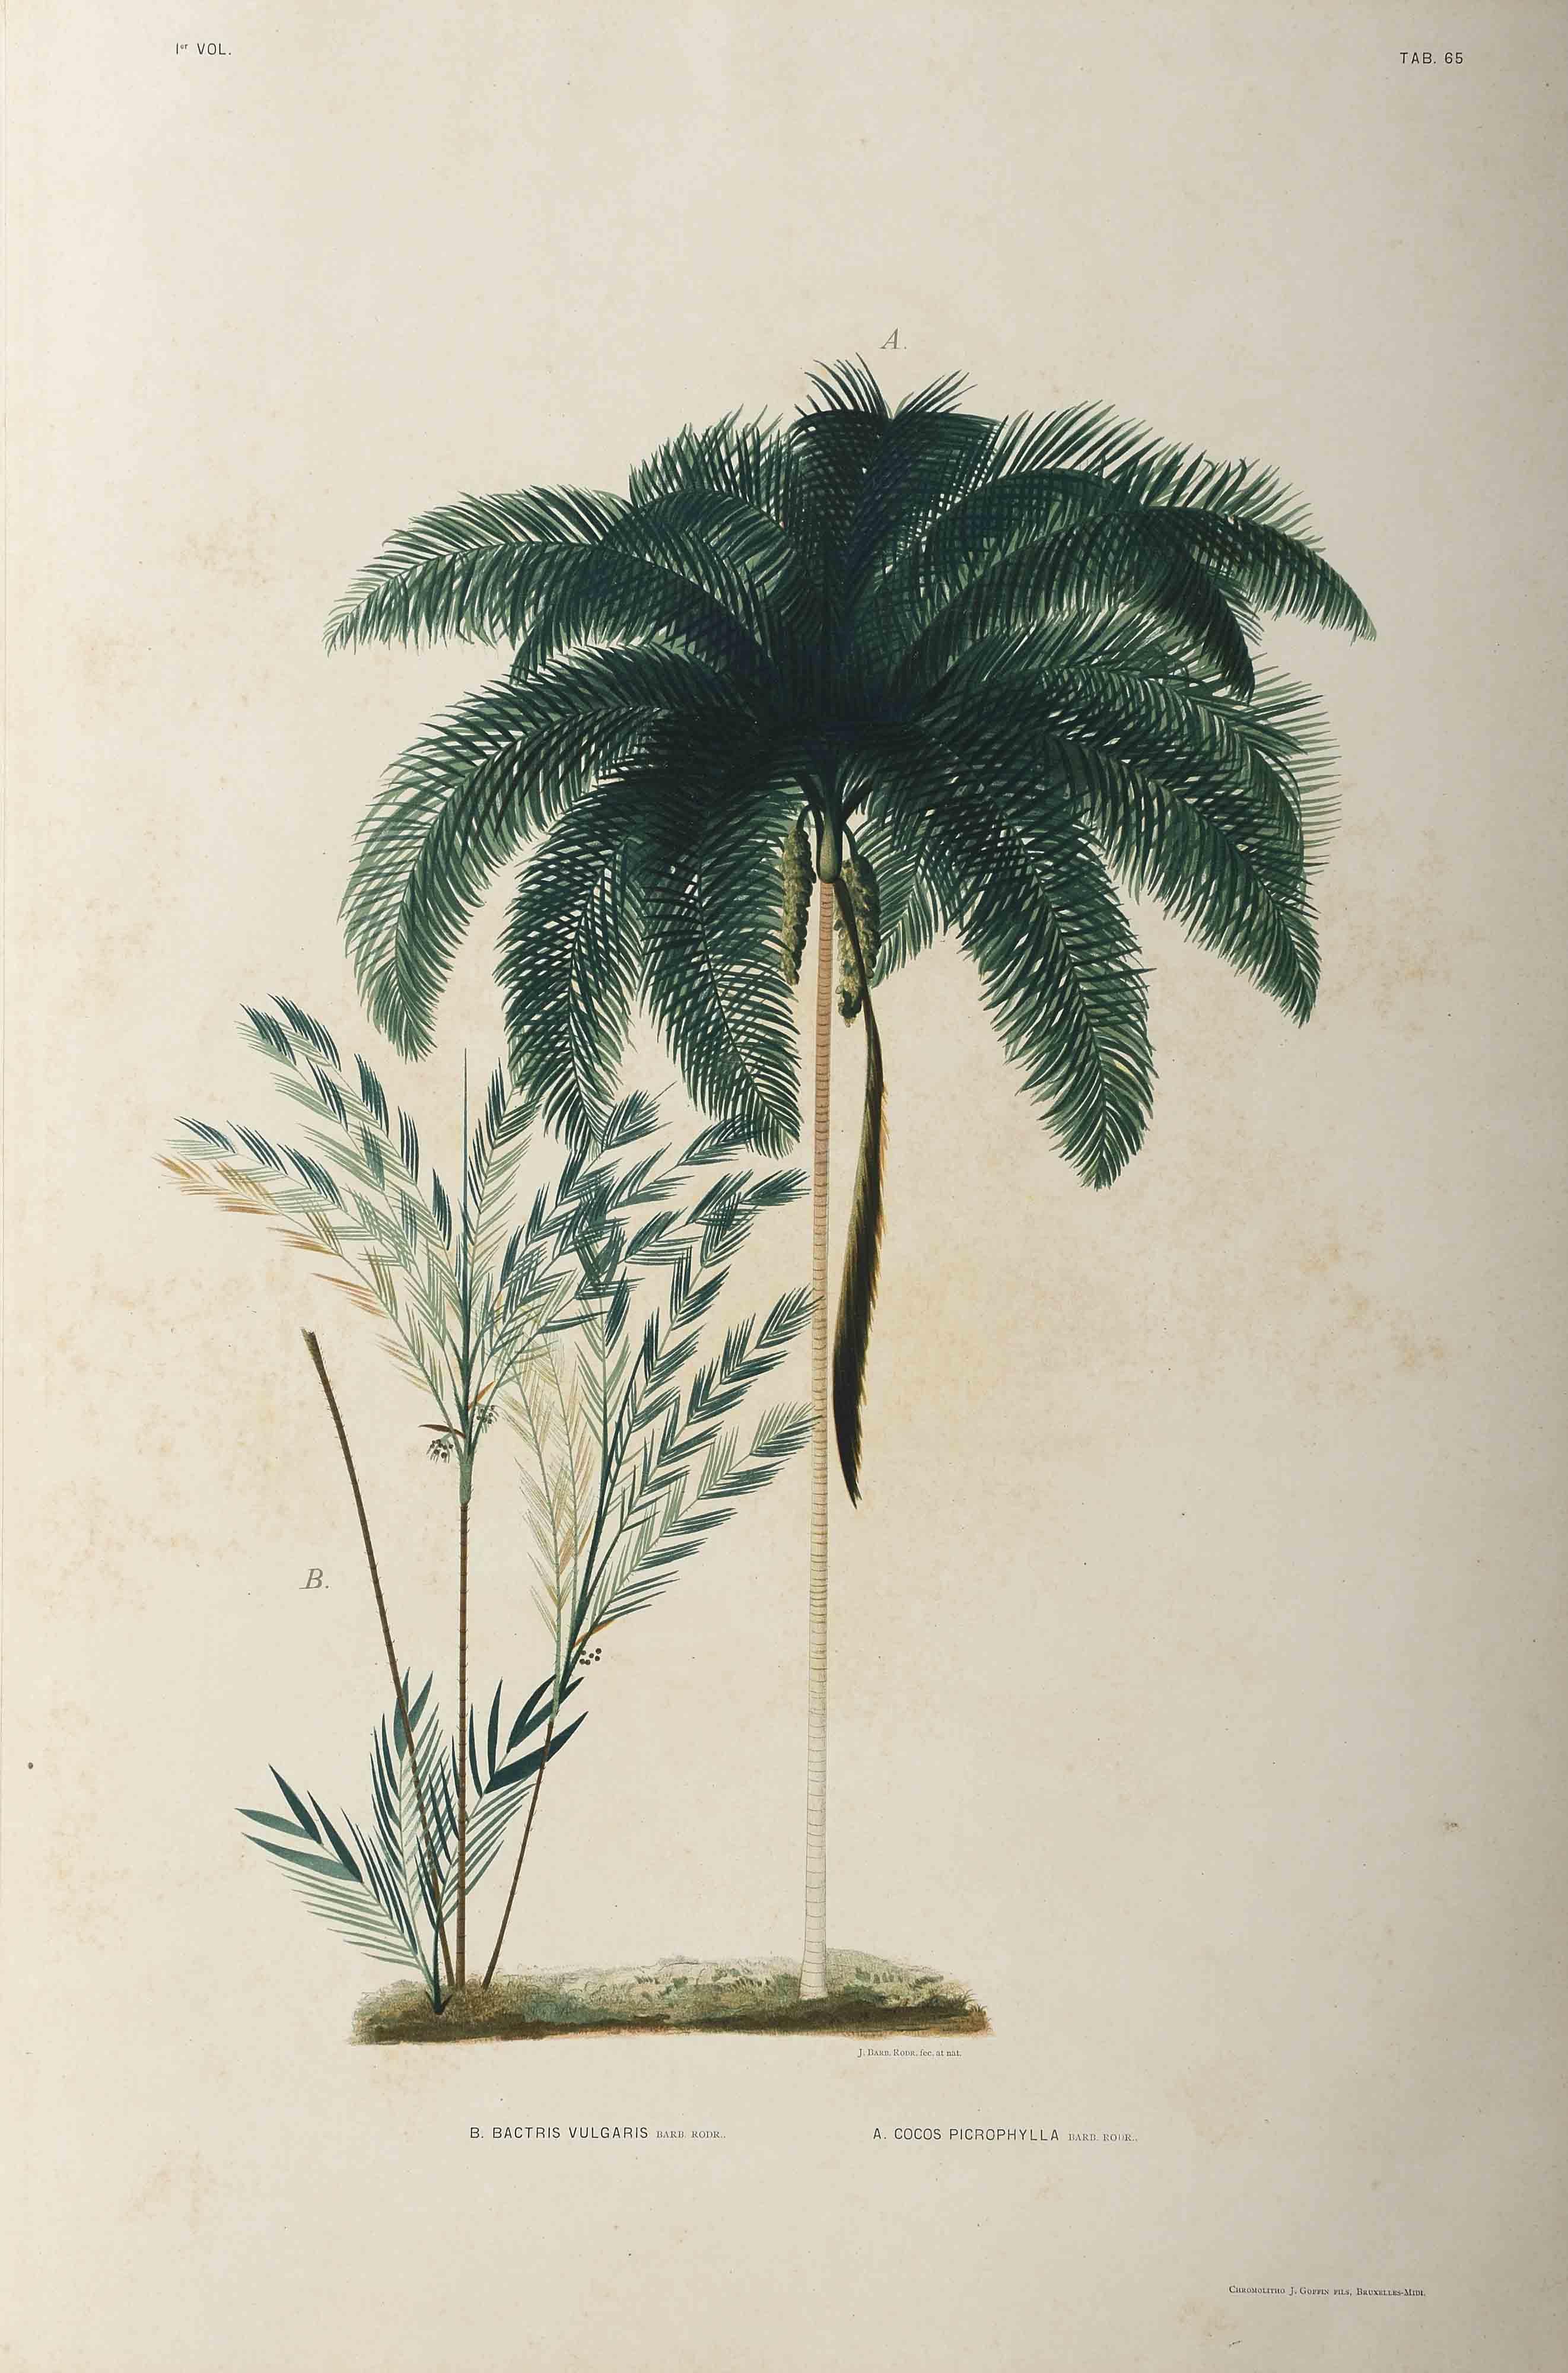 Bothanical image